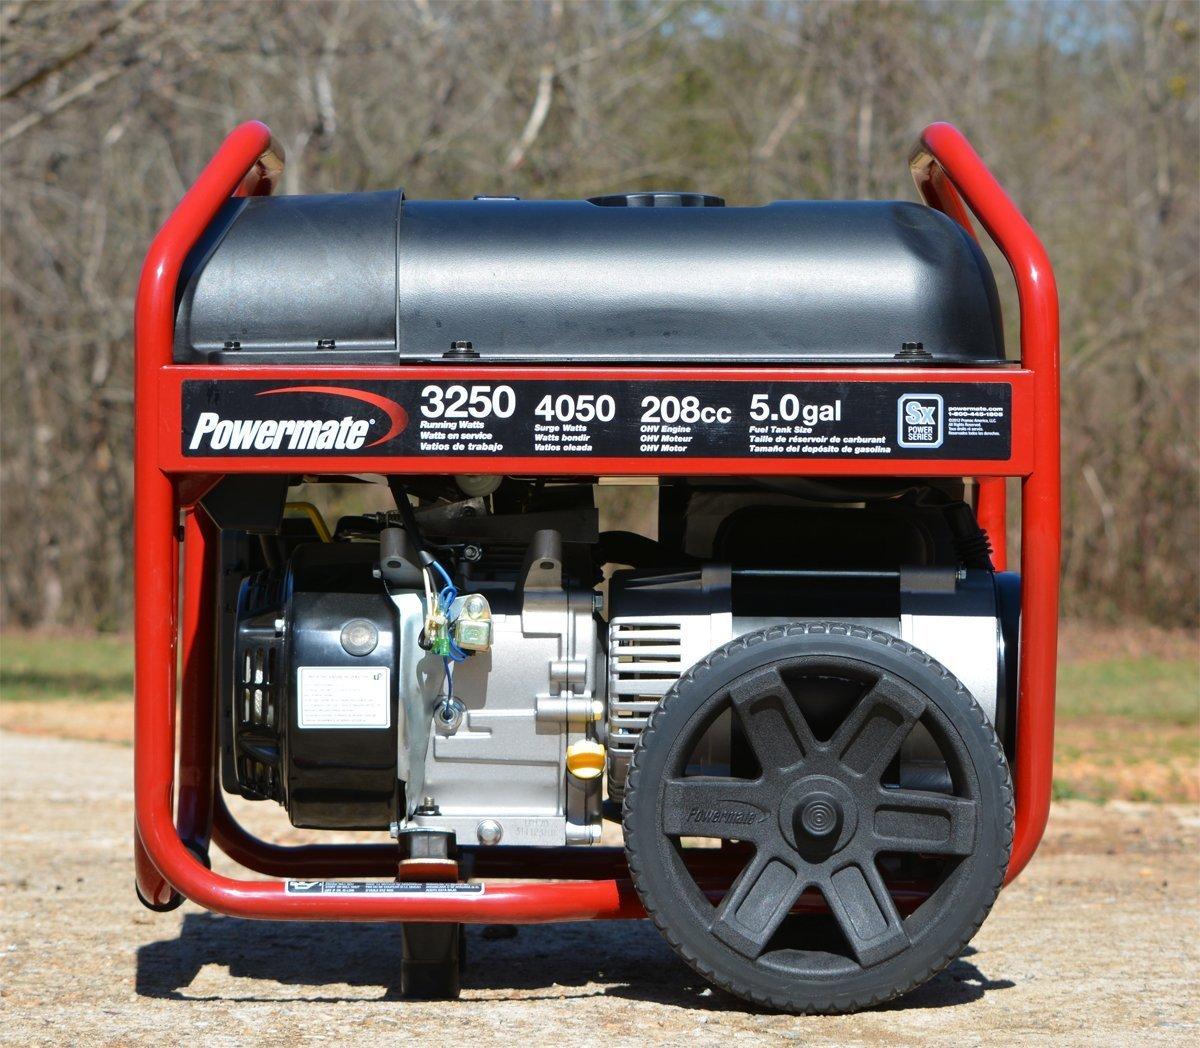 Powermate PM0123250, 3250 Running Watts/4050 Starting Watts, Gas Powered  Portable Generator - $309 99 (Free S/H over $25)